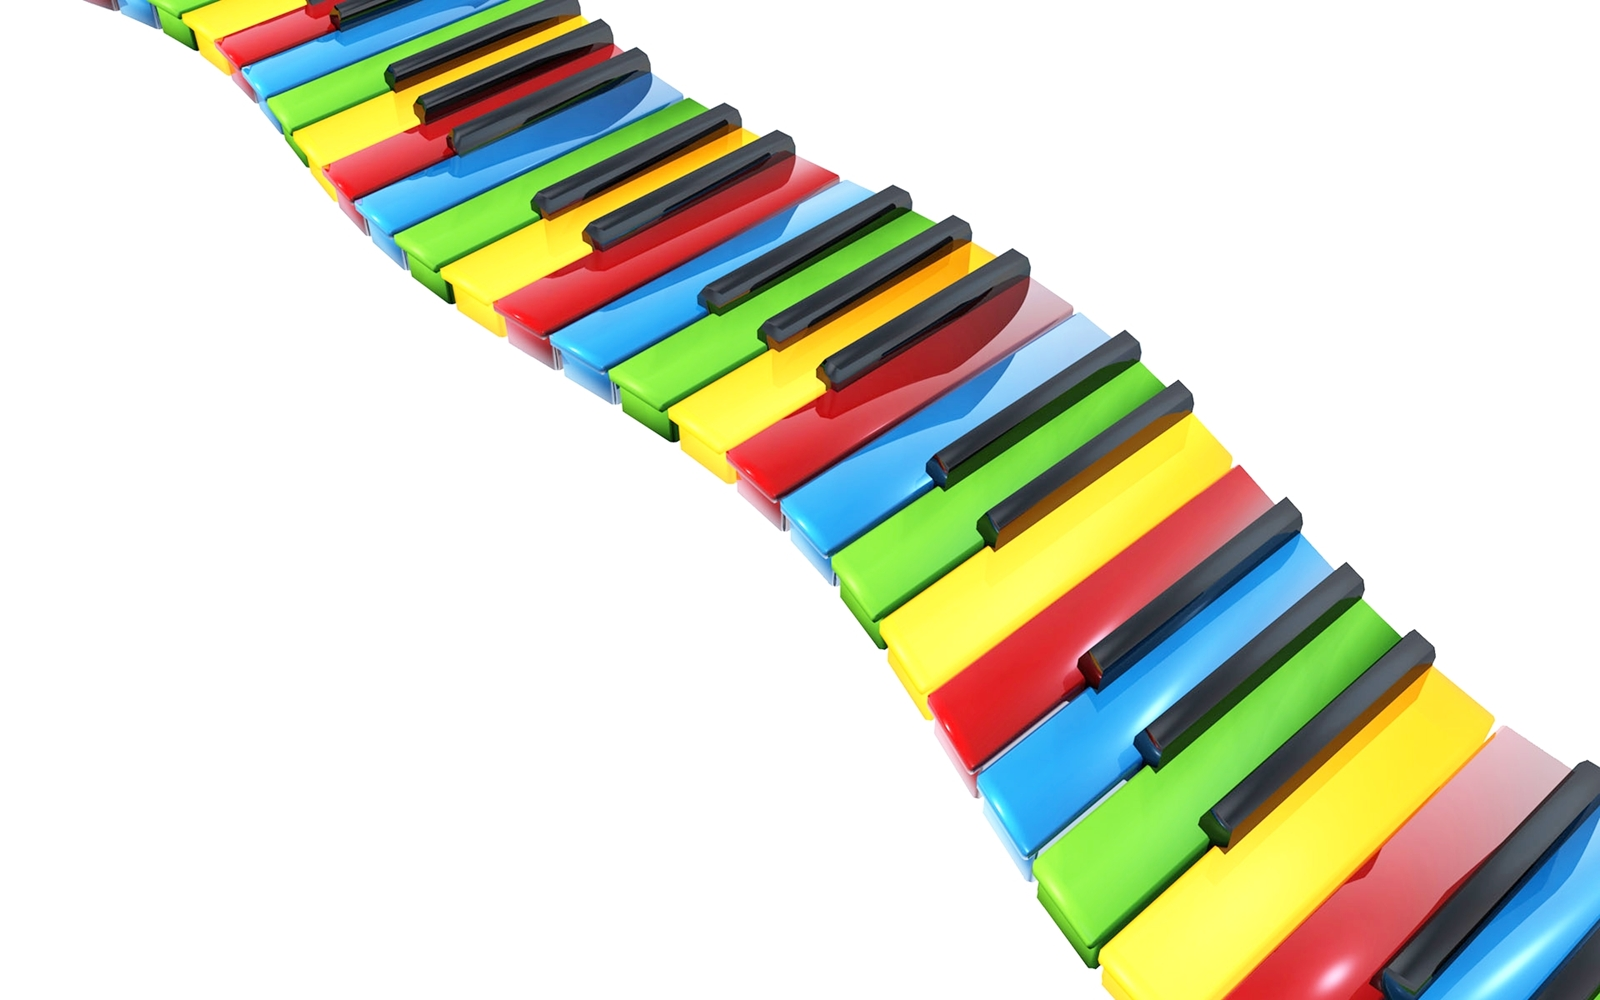 http://3.bp.blogspot.com/-tbo1fBGoBm0/T1BDyMj9rnI/AAAAAAAACcw/ZONSUM_kHMA/s1600/full-colours-Piano-tuts-wallpapers.jpg